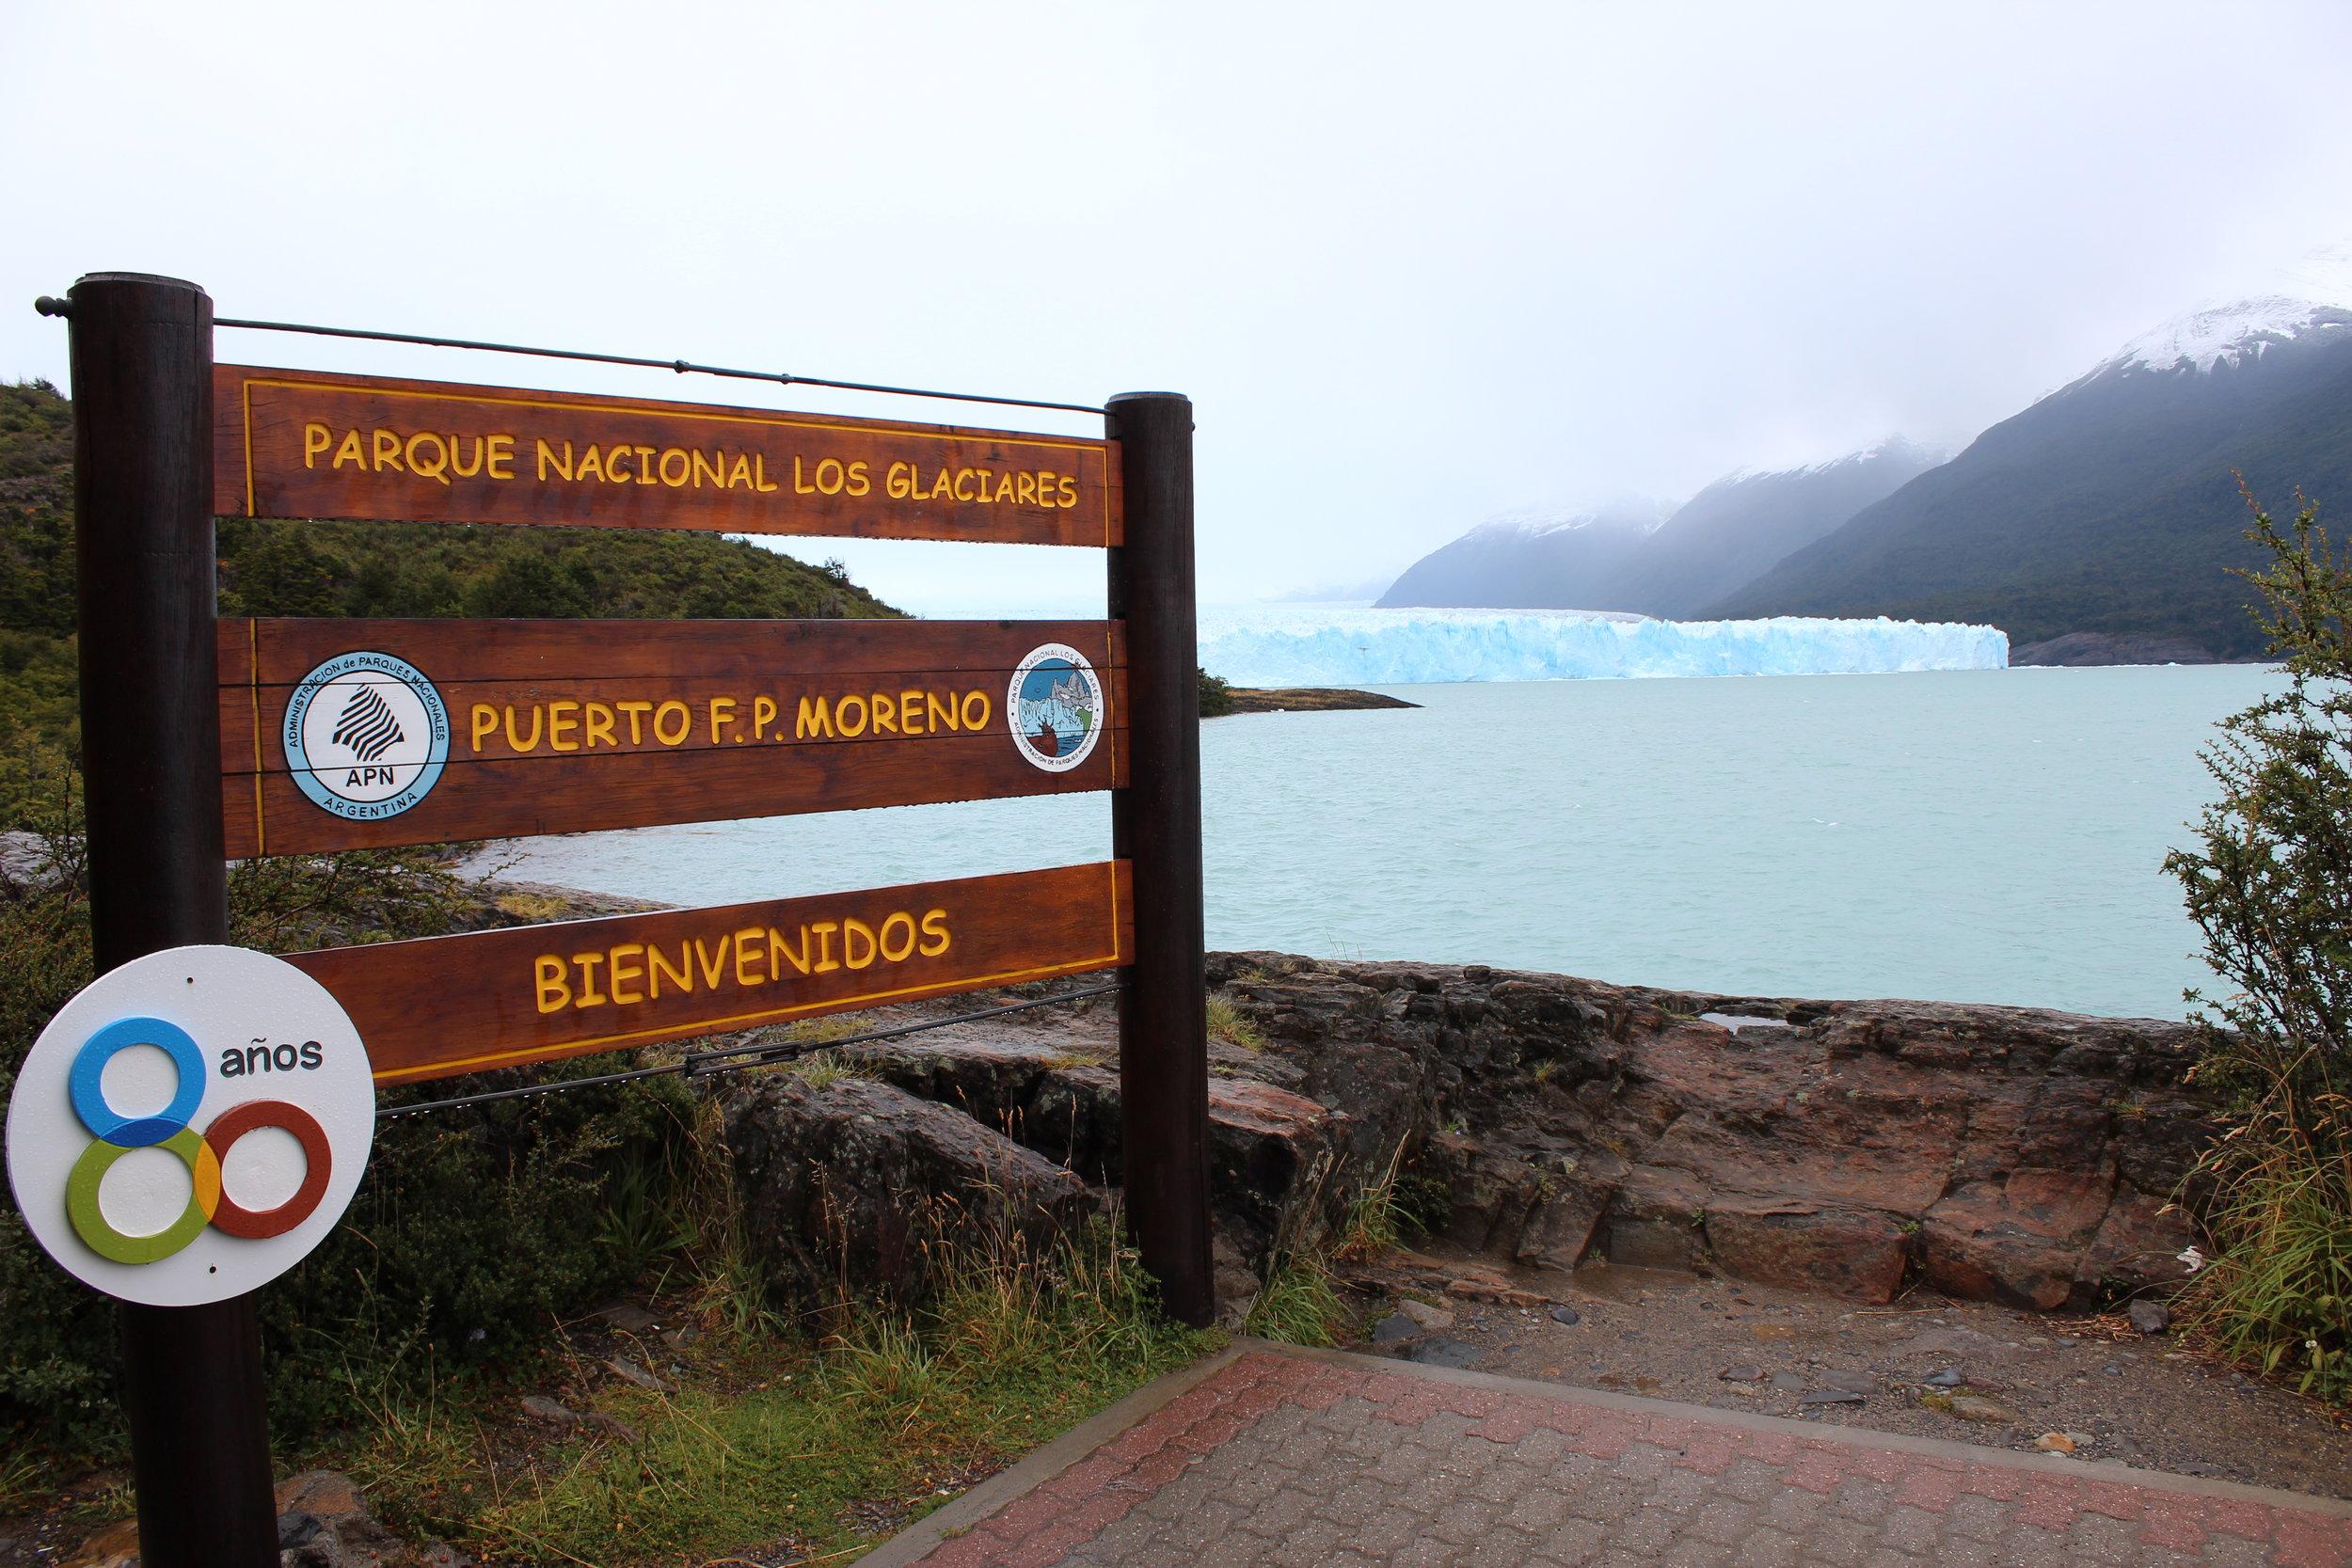 Perito Moreno Glacier is located in Los Glaciares National Park